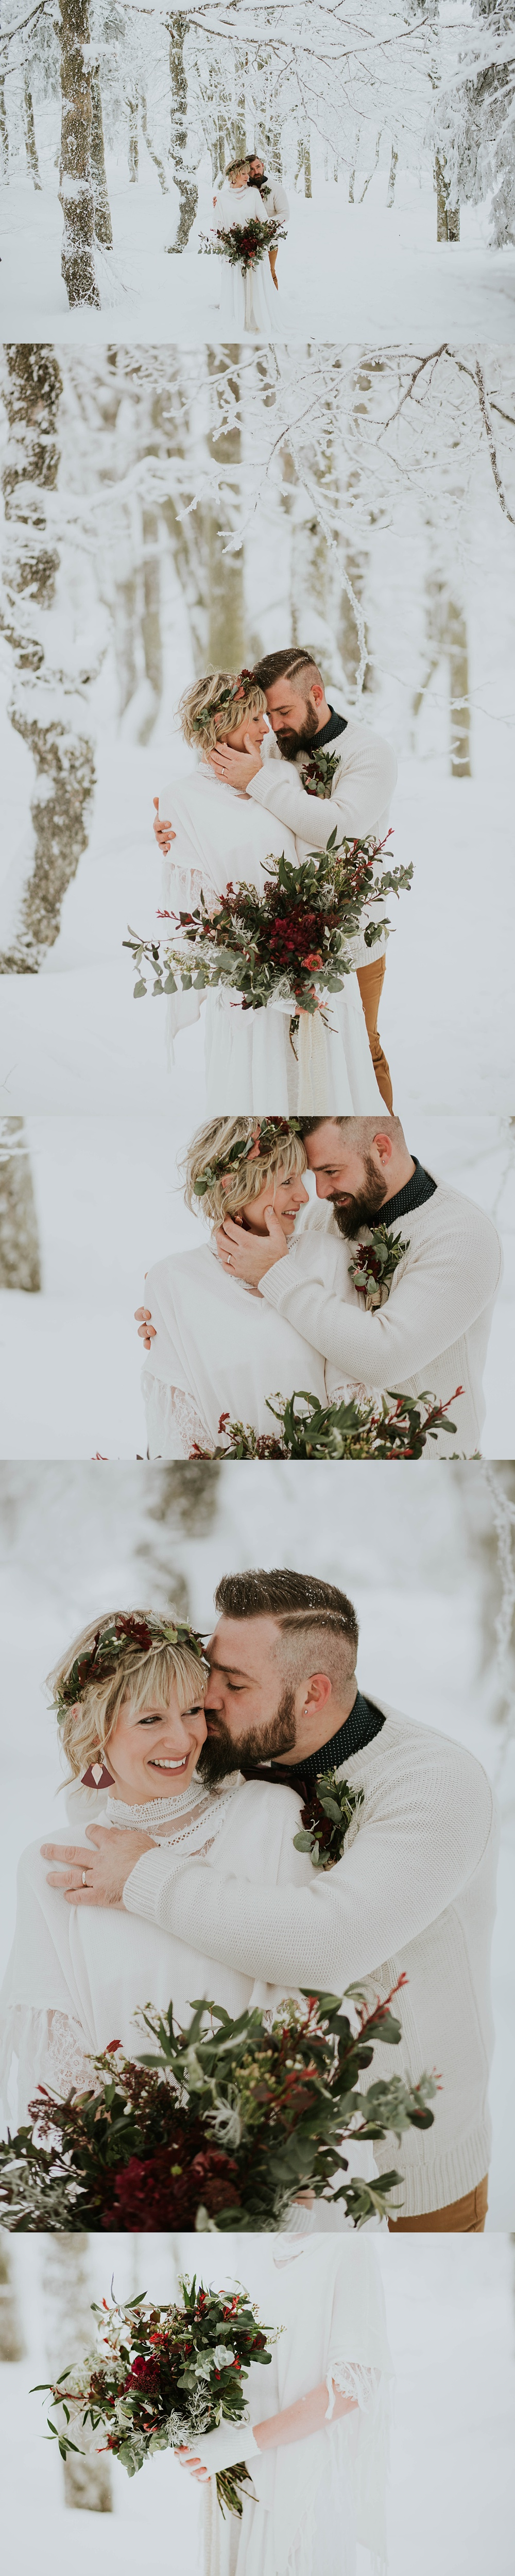 Mariage dans la neige Alsace Vosges